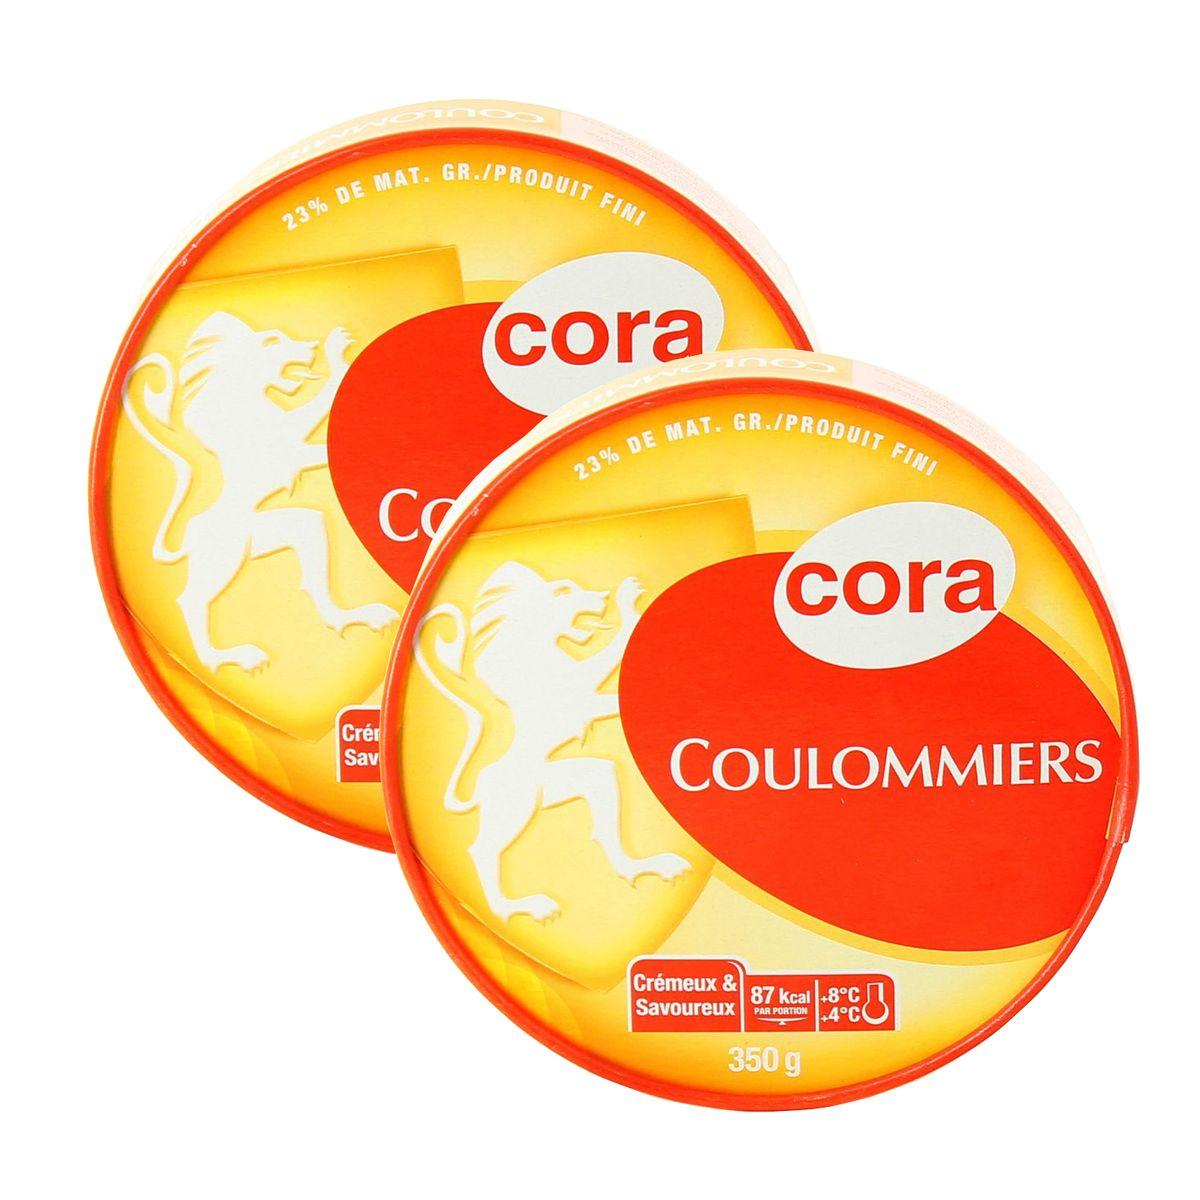 livraison a domicile promotion cora coulommiers 2x350g